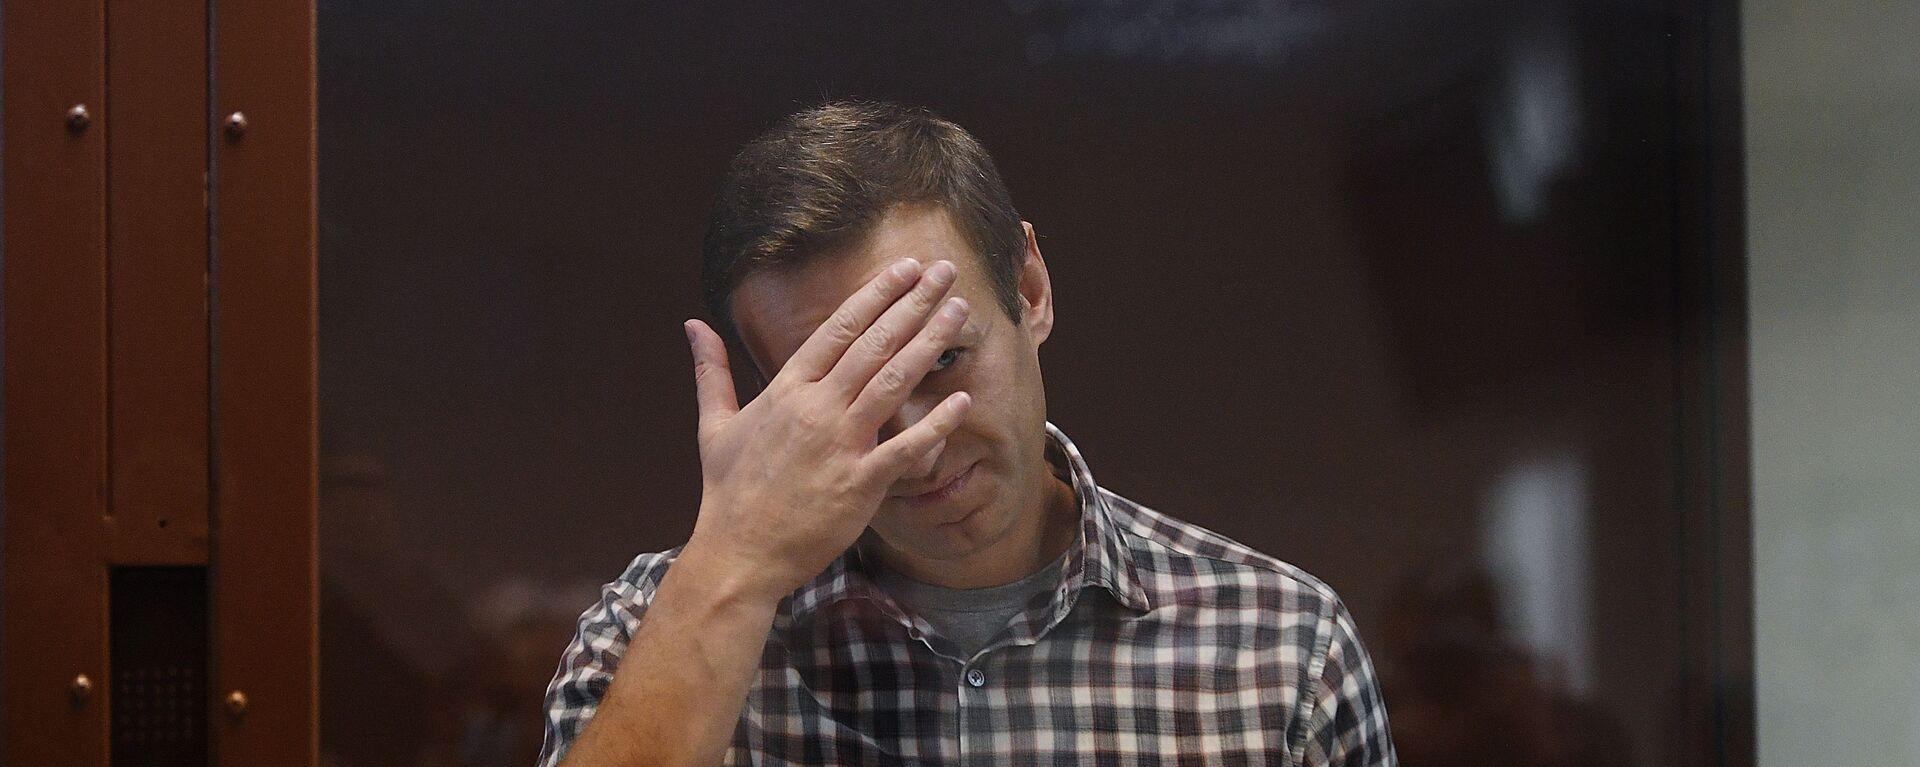 Алексей Навальный в зале суда - Sputnik Латвия, 1920, 13.07.2021